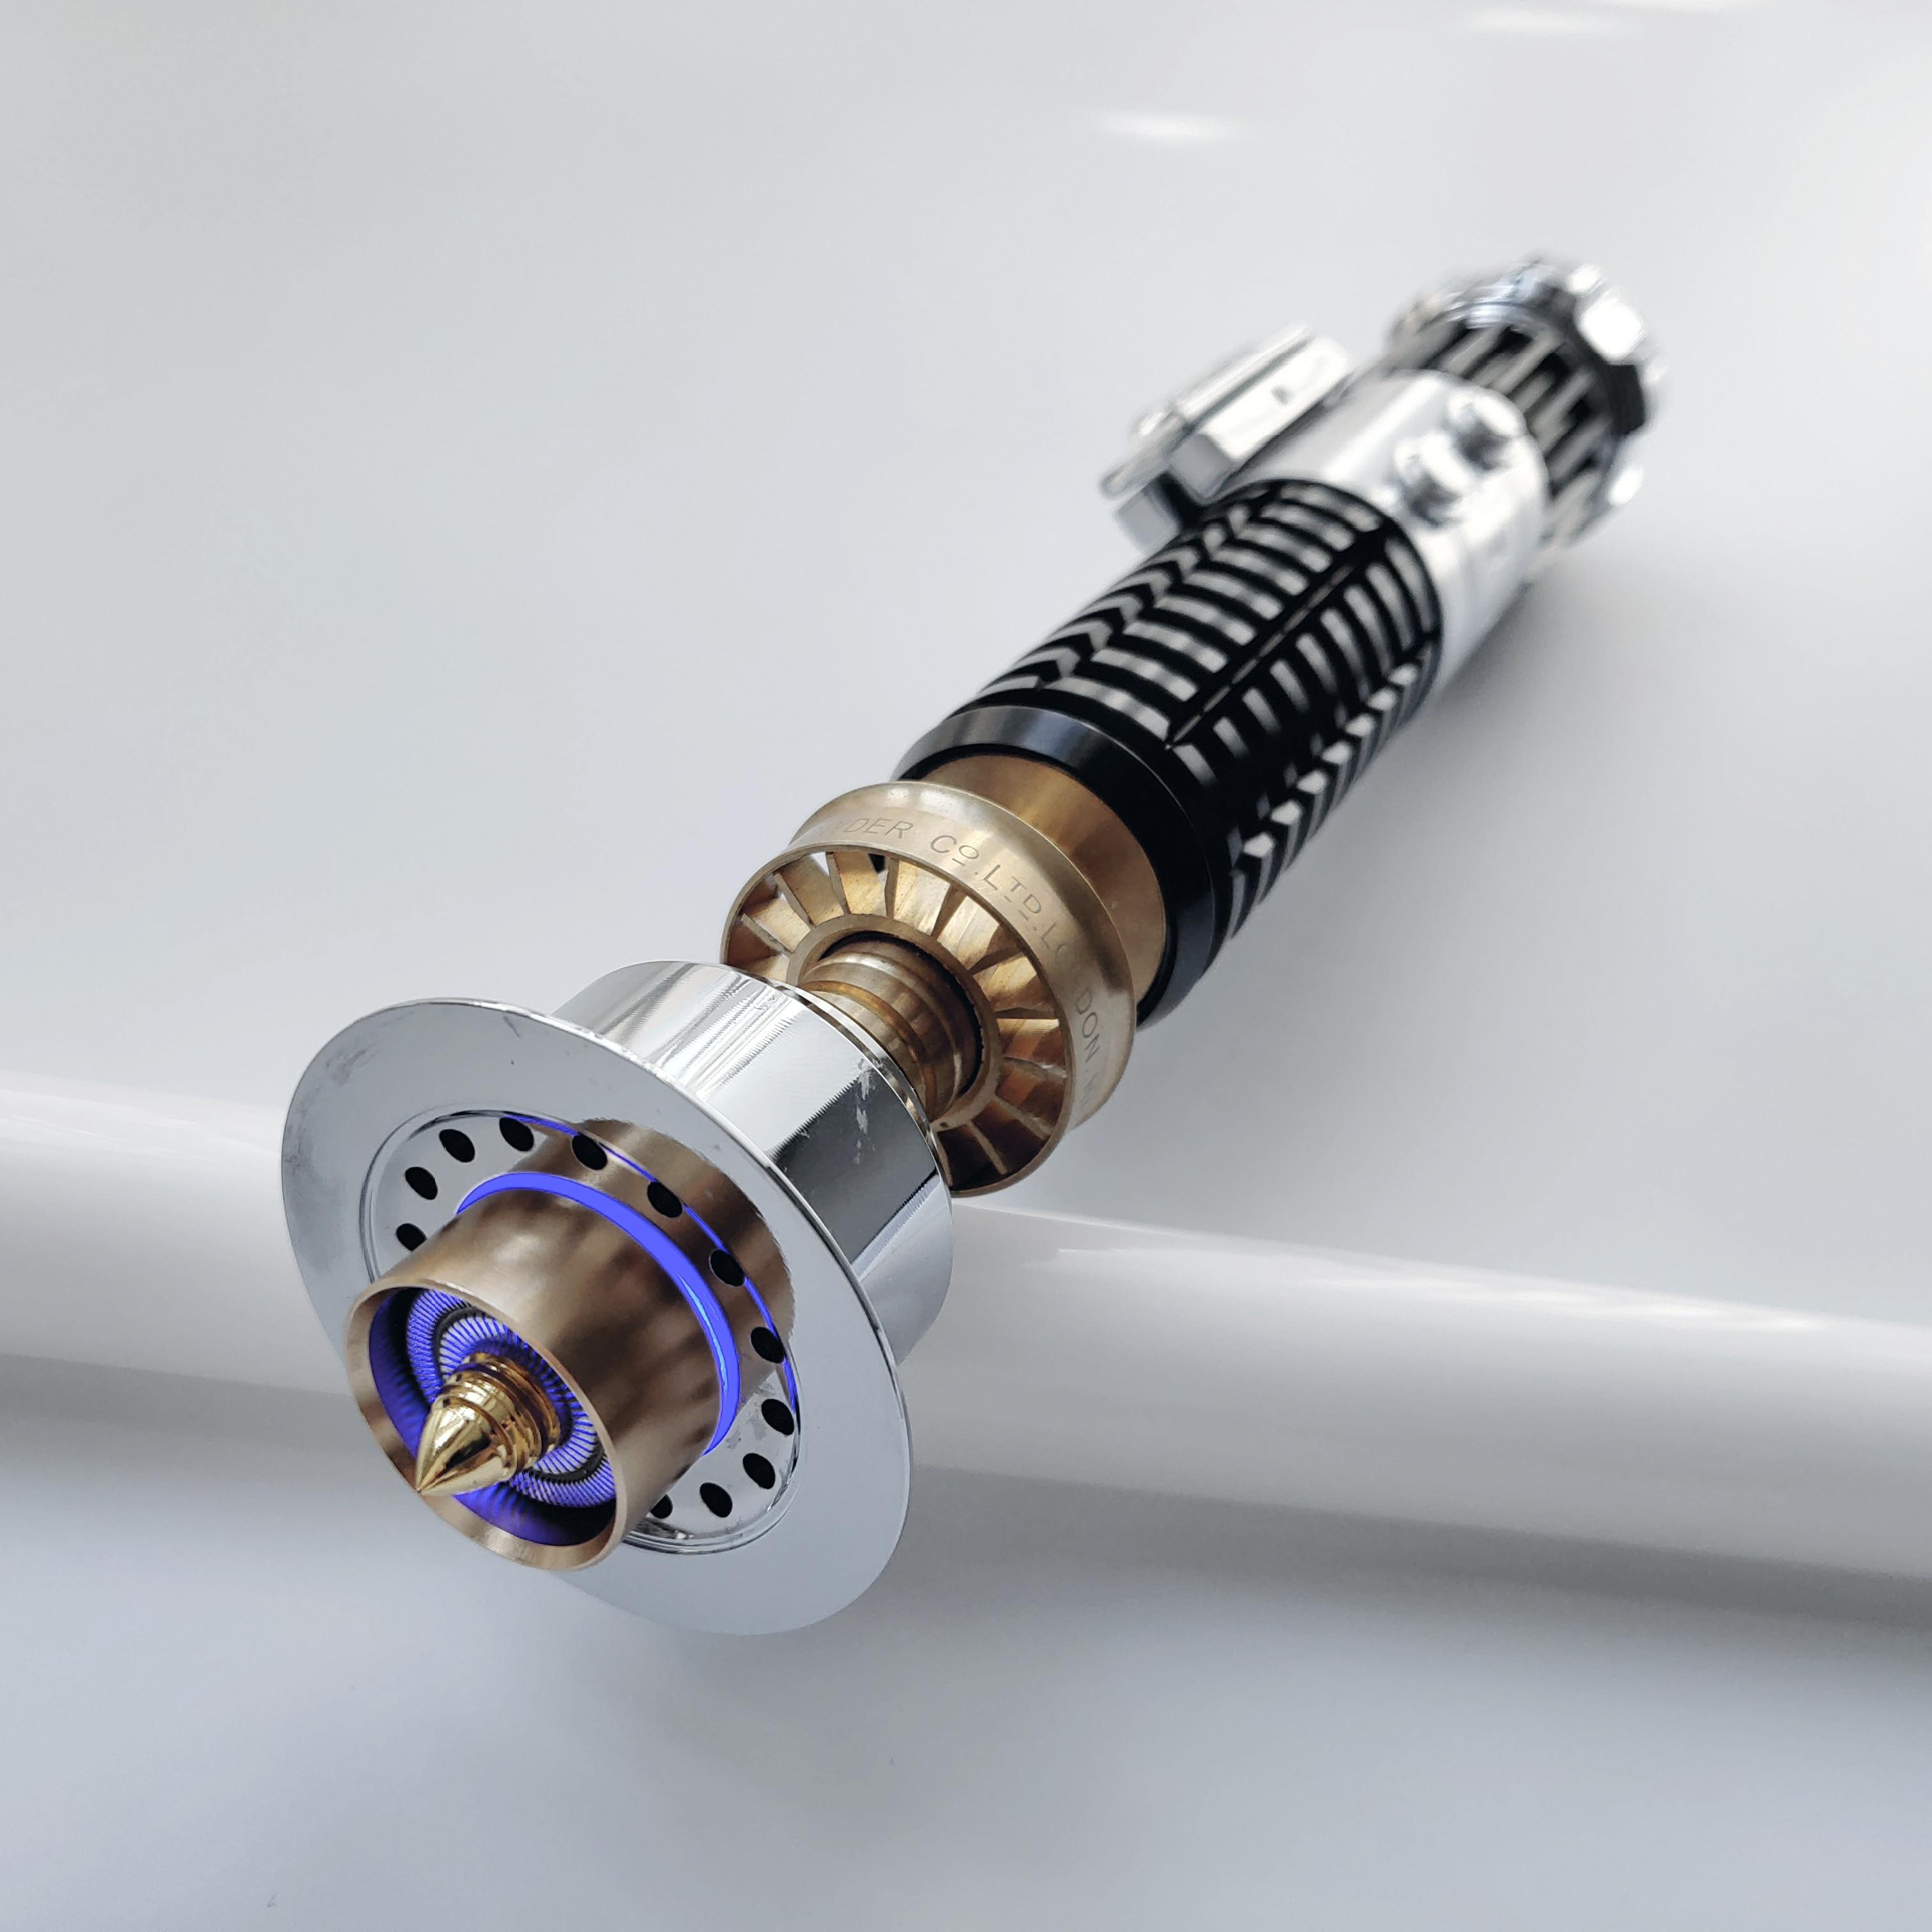 LGT poignée en métal Obi Wan collection base lit Skywalker sabre laser lourd duel avec verrouillage blaster son couleur changeante lumière